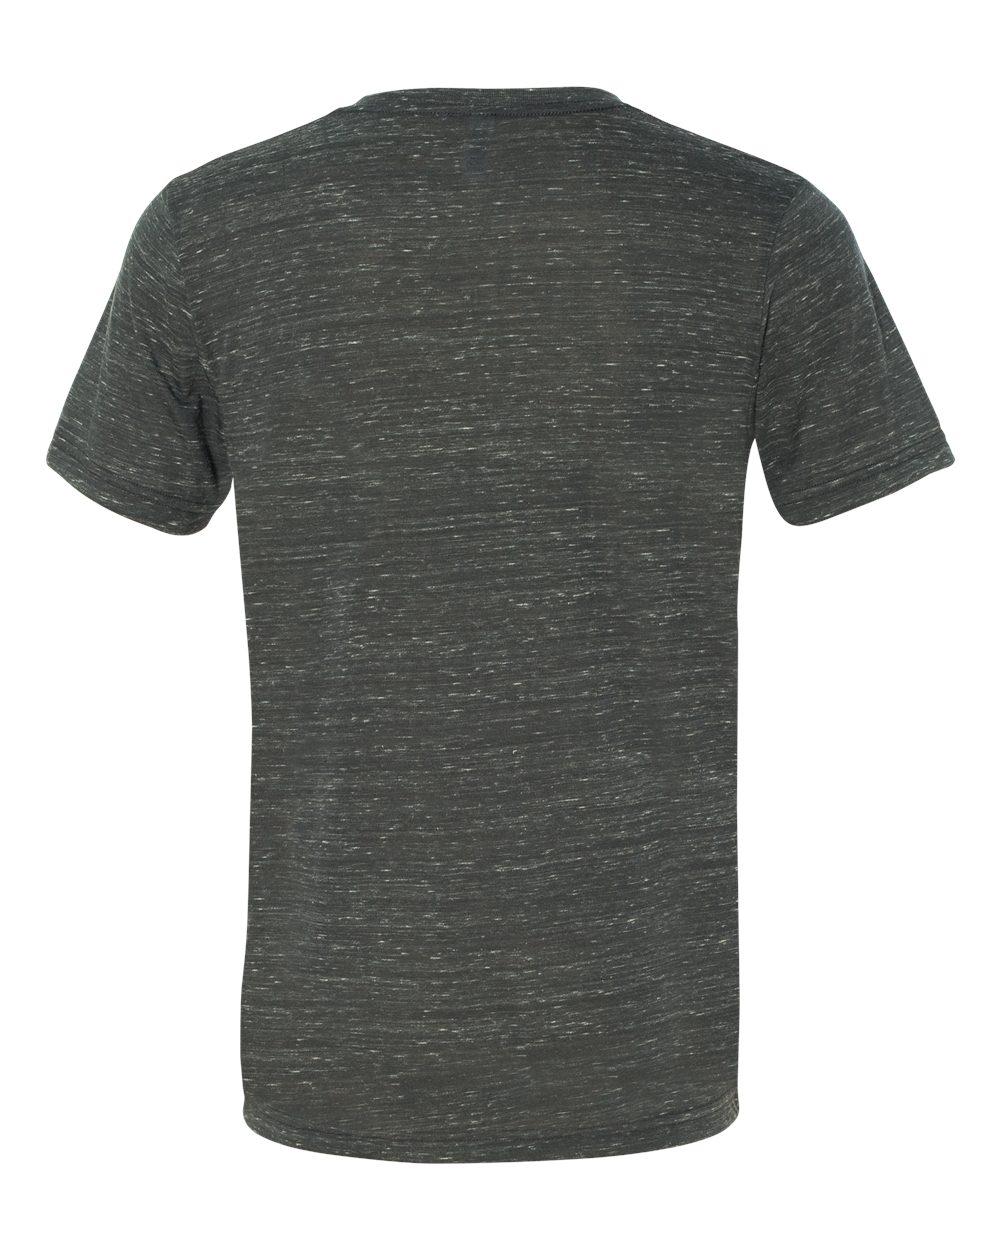 Bella-Canvas-Men-039-s-Jersey-Short-Sleeve-V-Neck-T-Shirt-3005-XS-3XL thumbnail 4